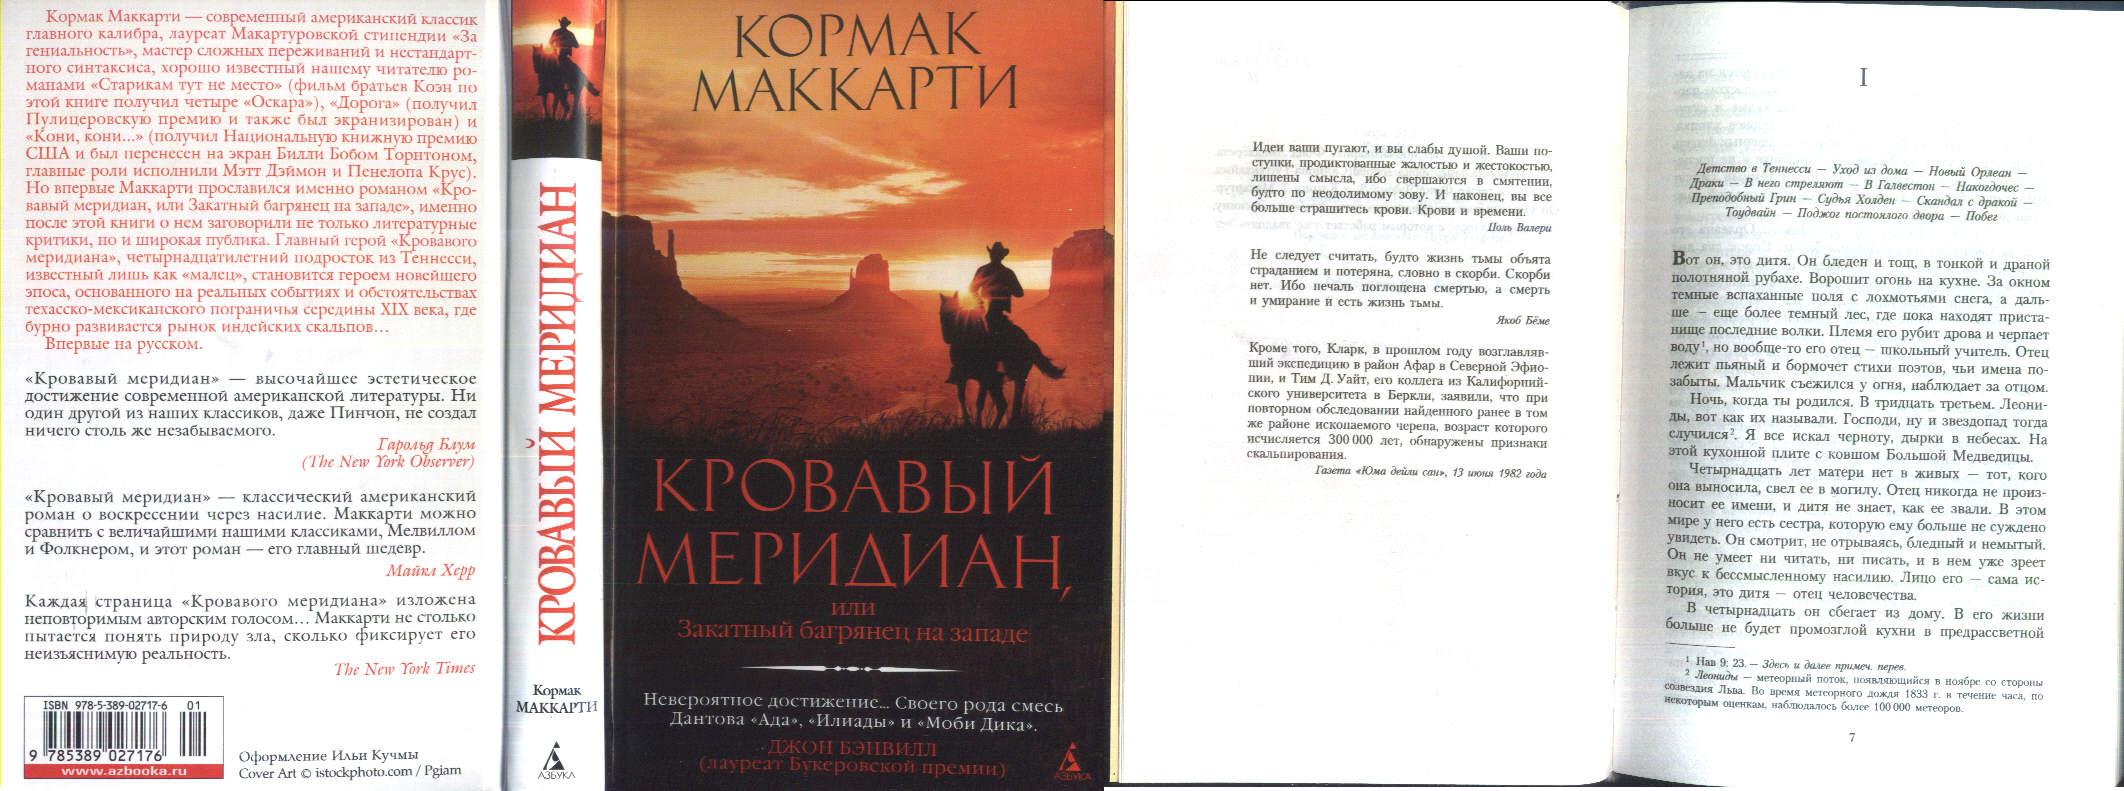 кровавый меридиан кормак маккарти выступления против советской